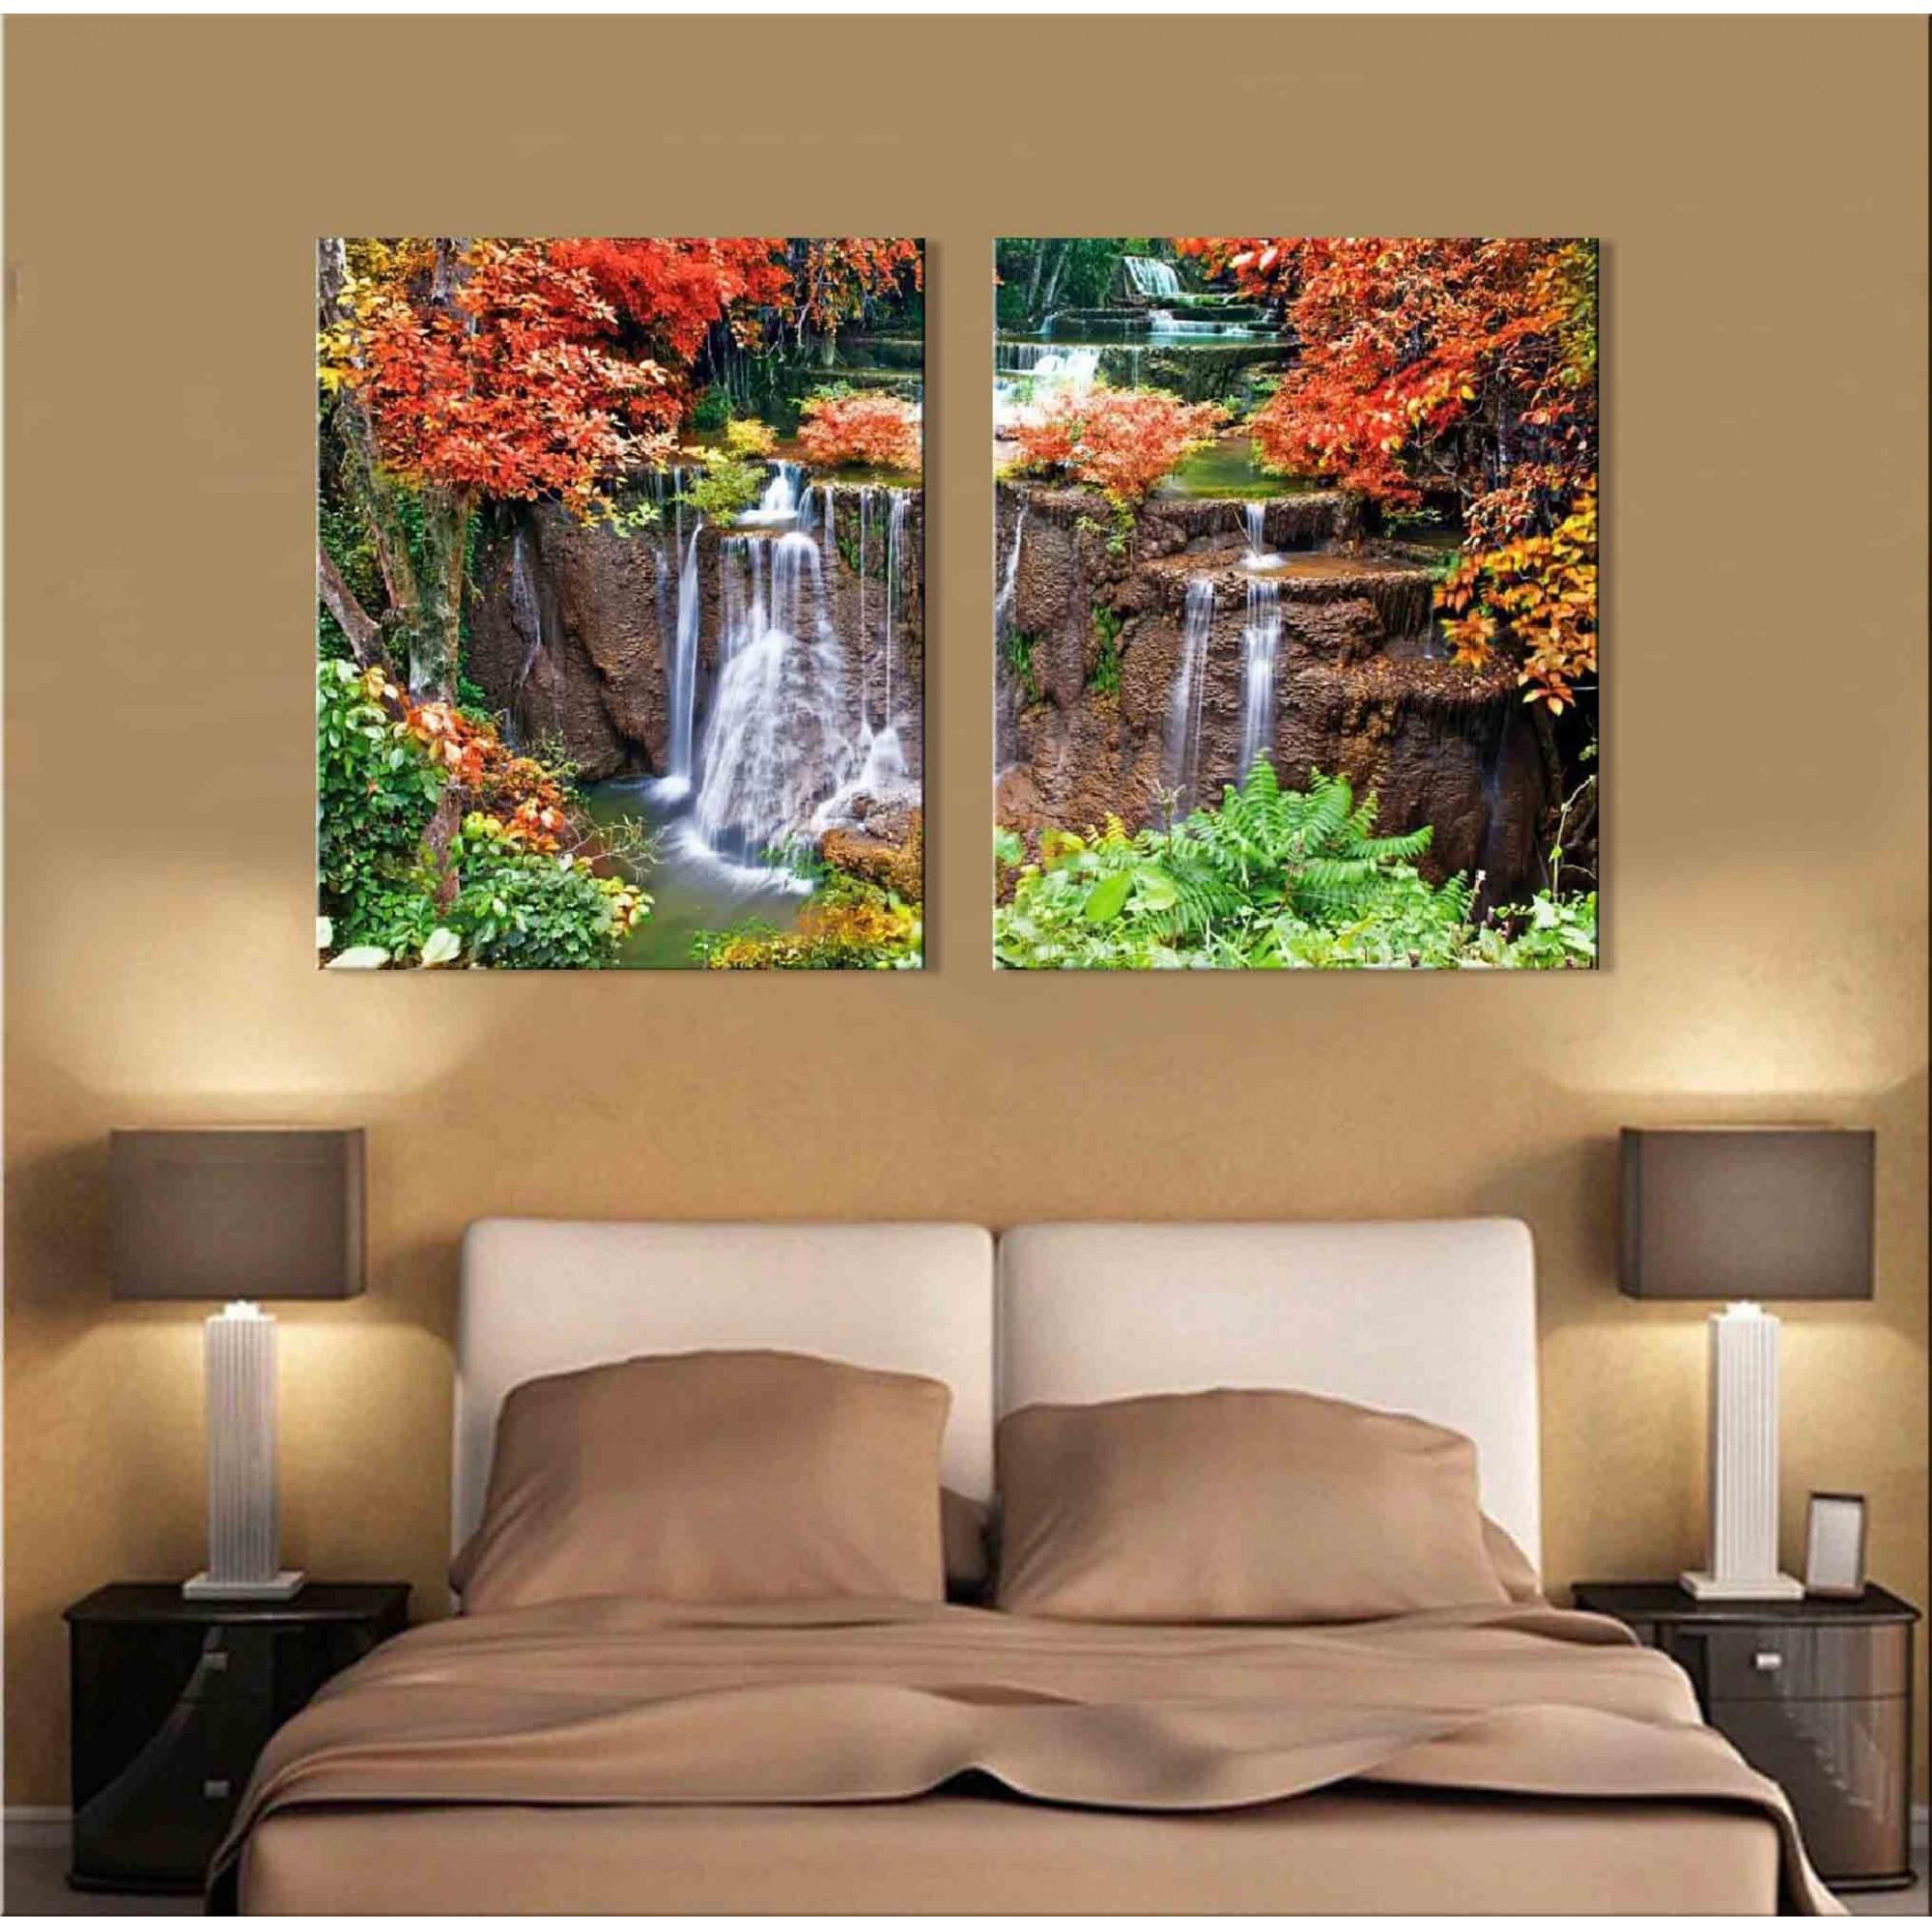 Quadro Decorativo Paisagem Floresta Com Cachoeira 2 Peças